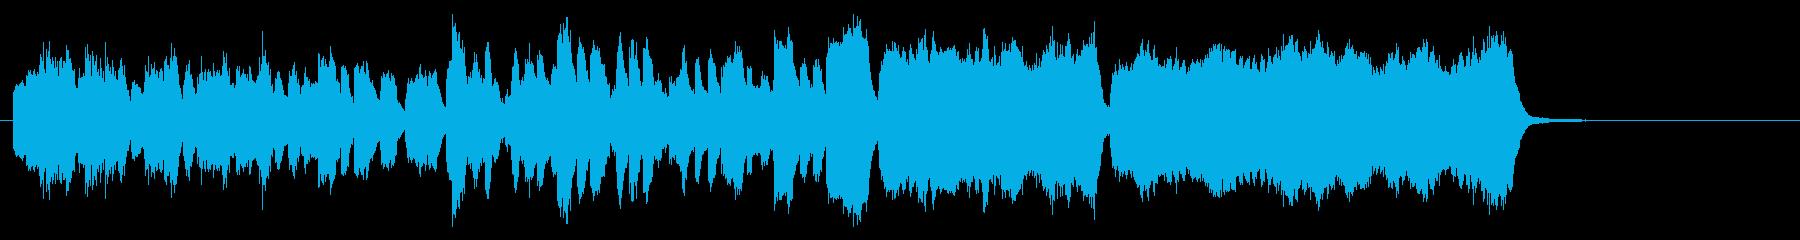 宮廷音楽風ダブルリード四重奏+チェンバロの再生済みの波形